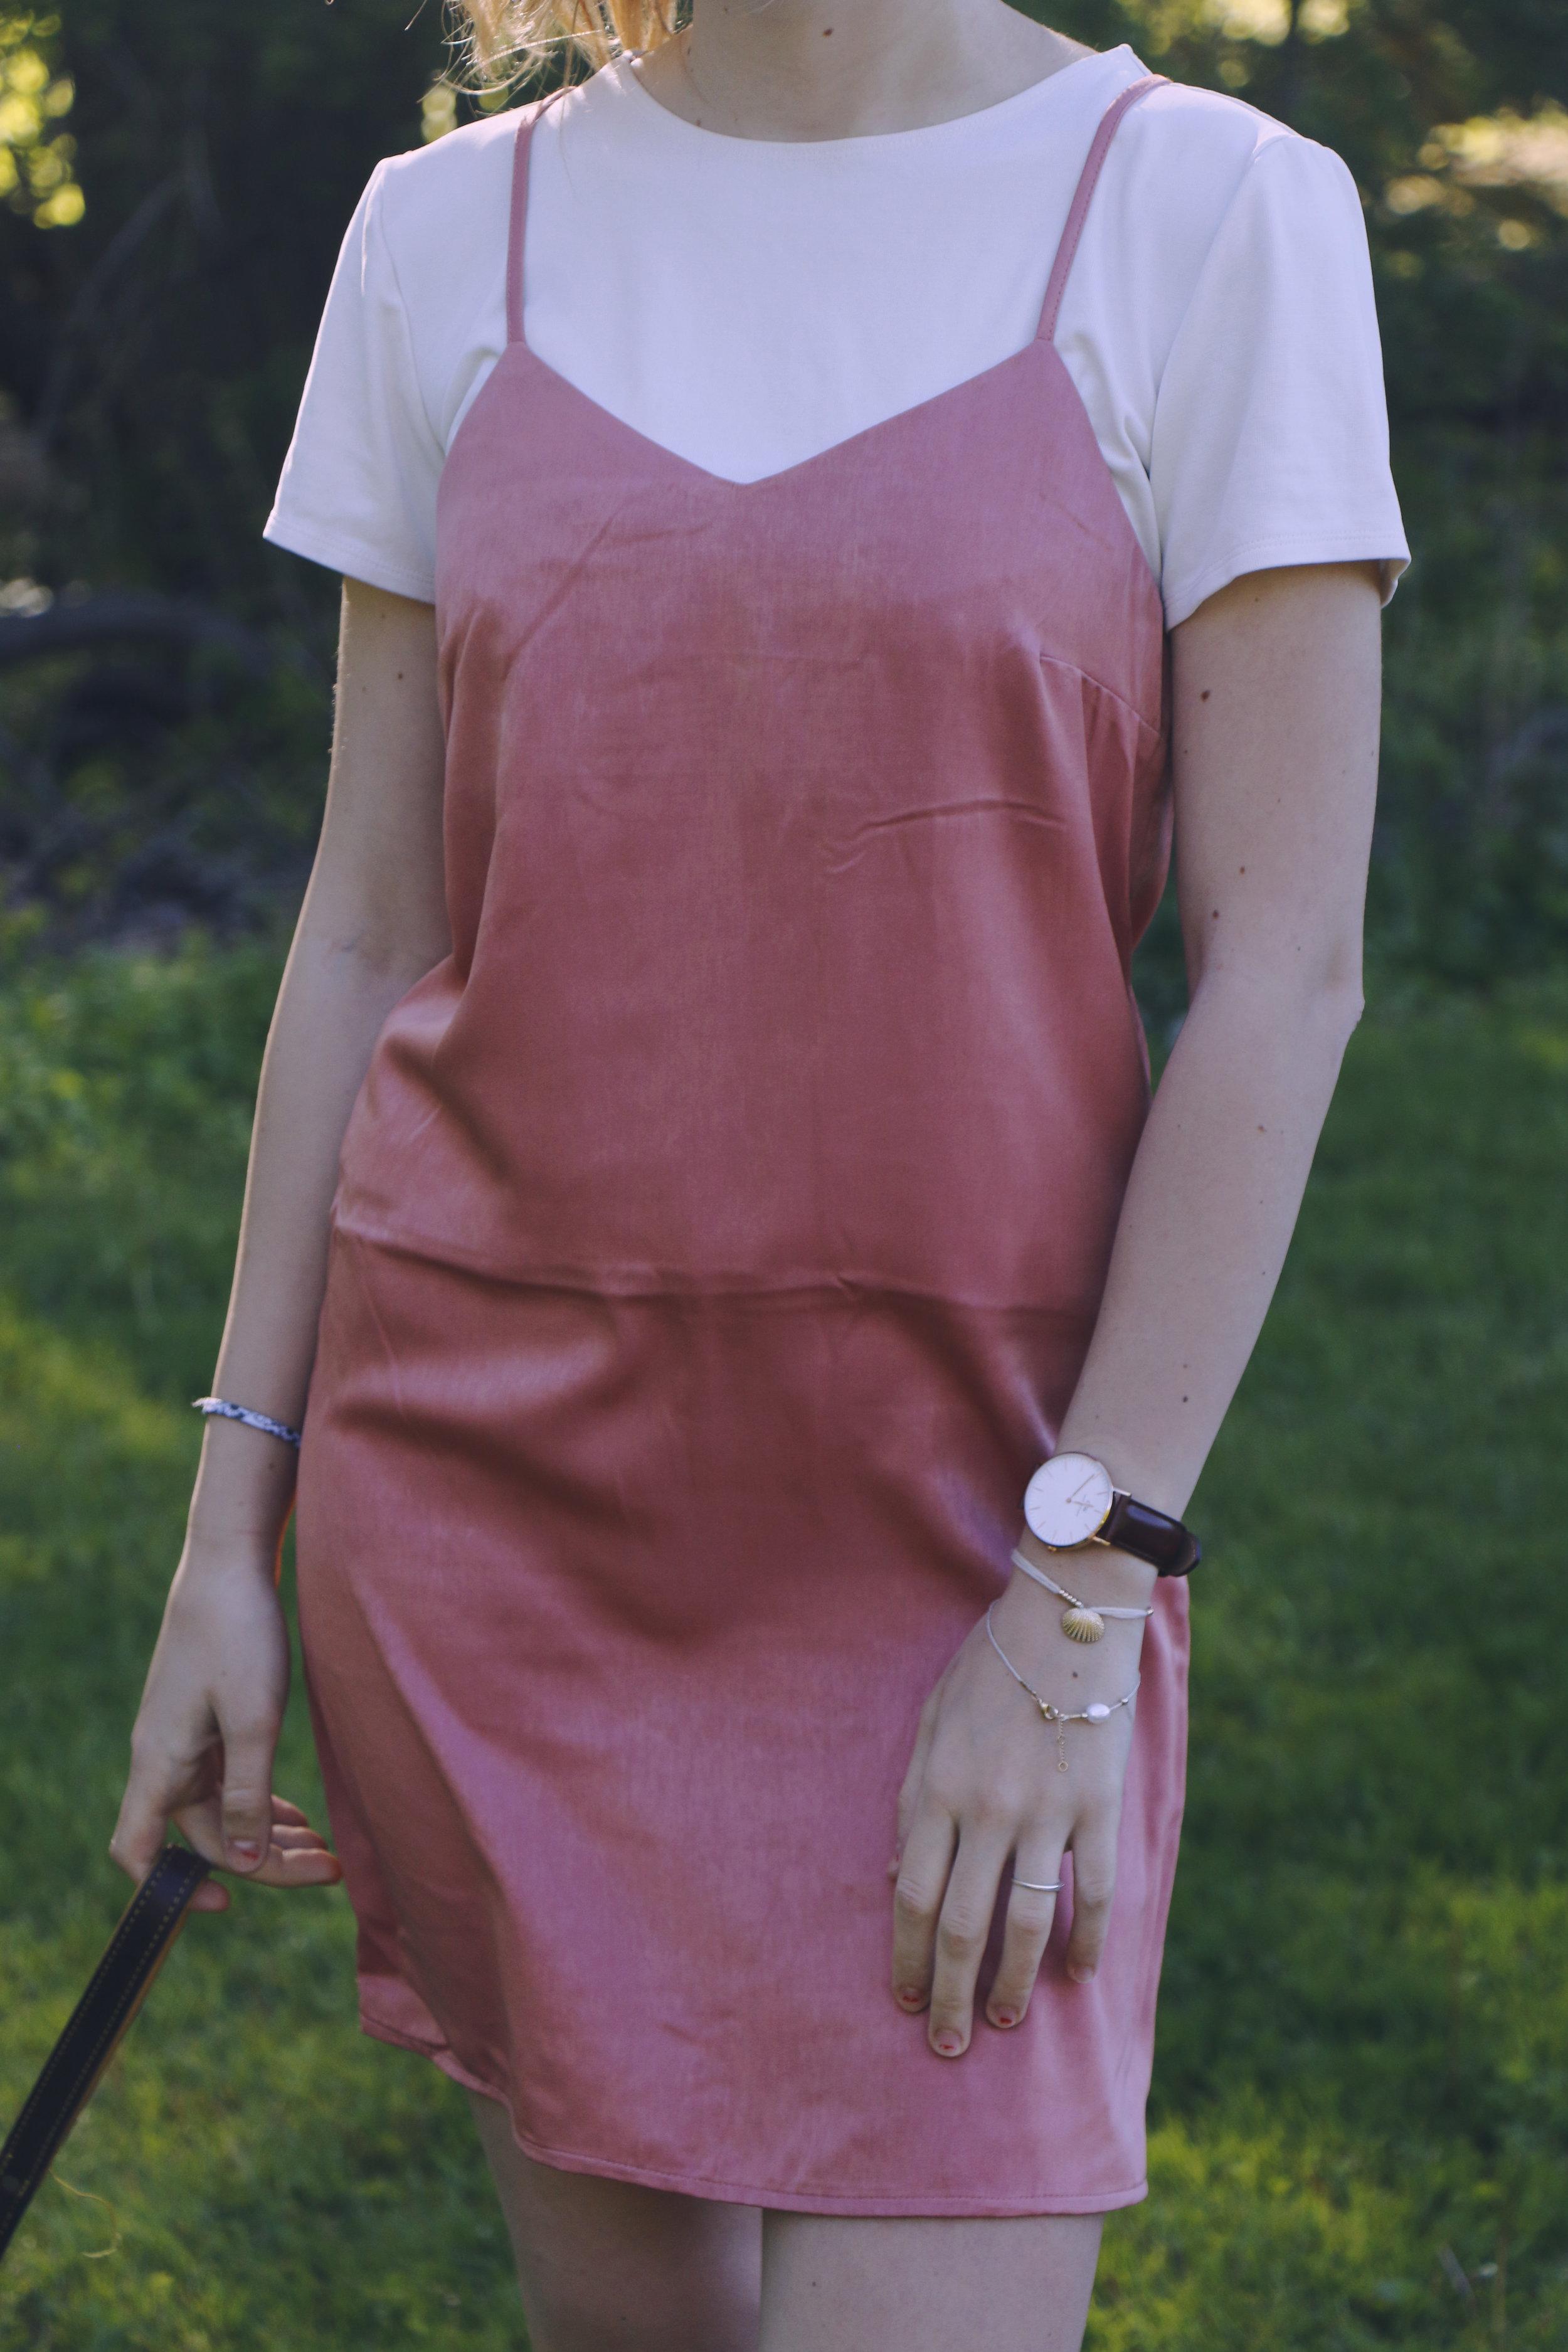 maliqi.danielwelligntonpost.pinkdress.7.jpg